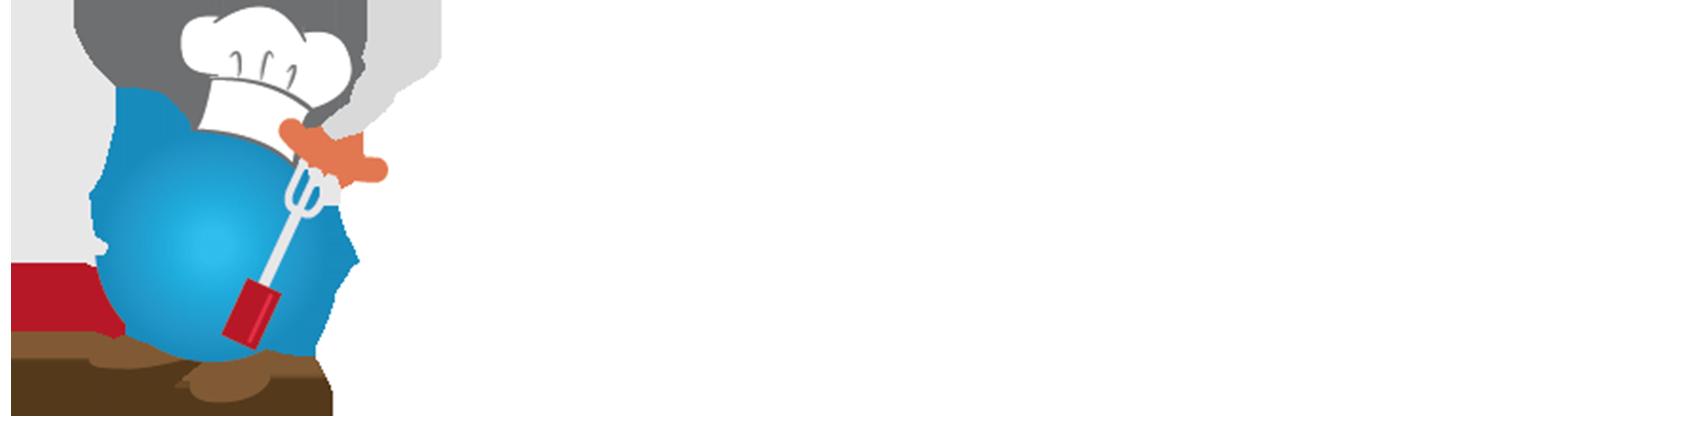 SYSCON